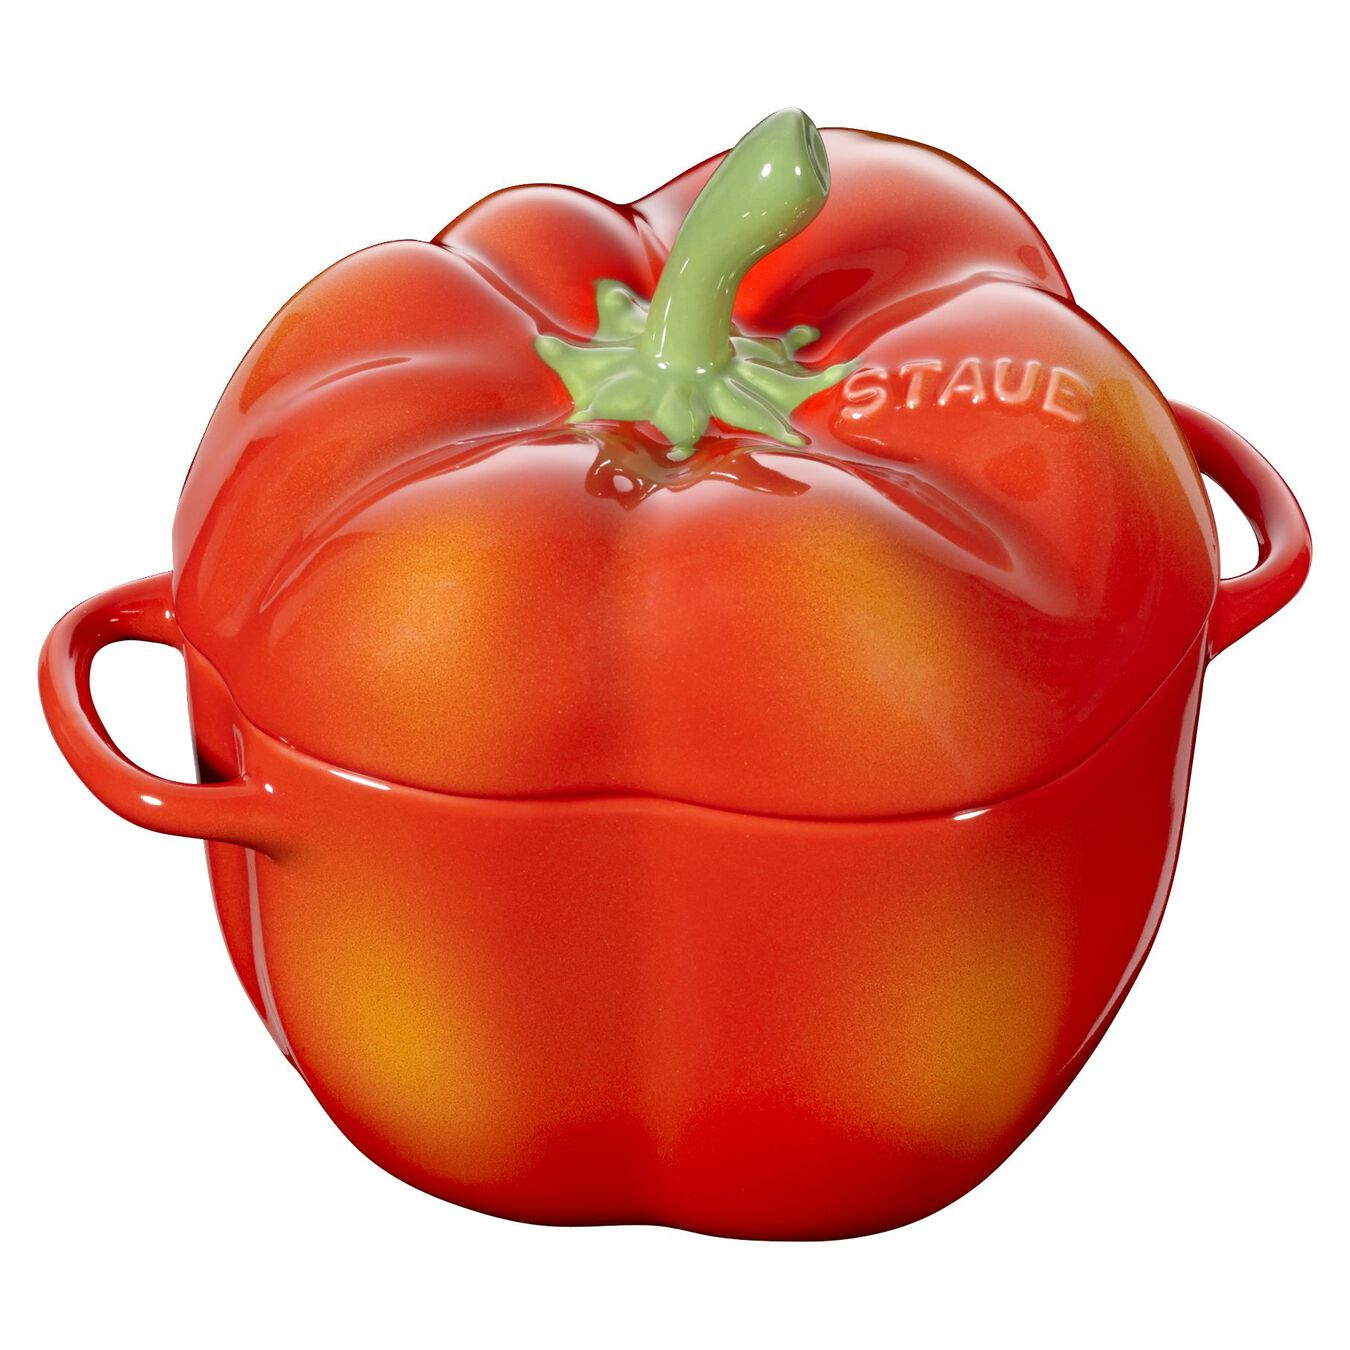 Cocotte 11 cm, Poivron, Orange et rouge, Céramique,,large 1